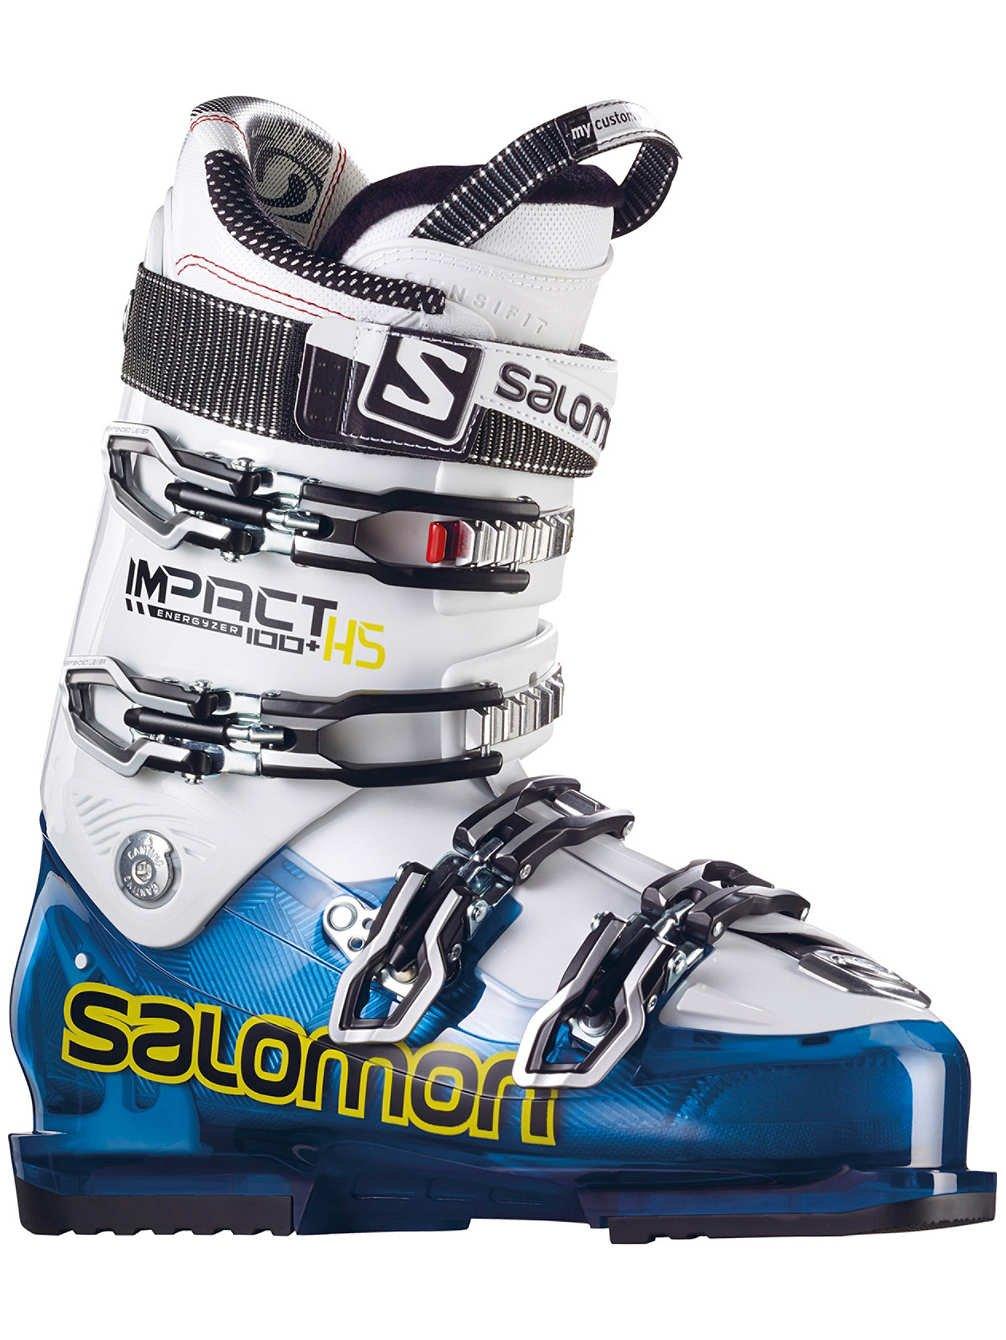 Salomon Impact HS Herren Skischuh